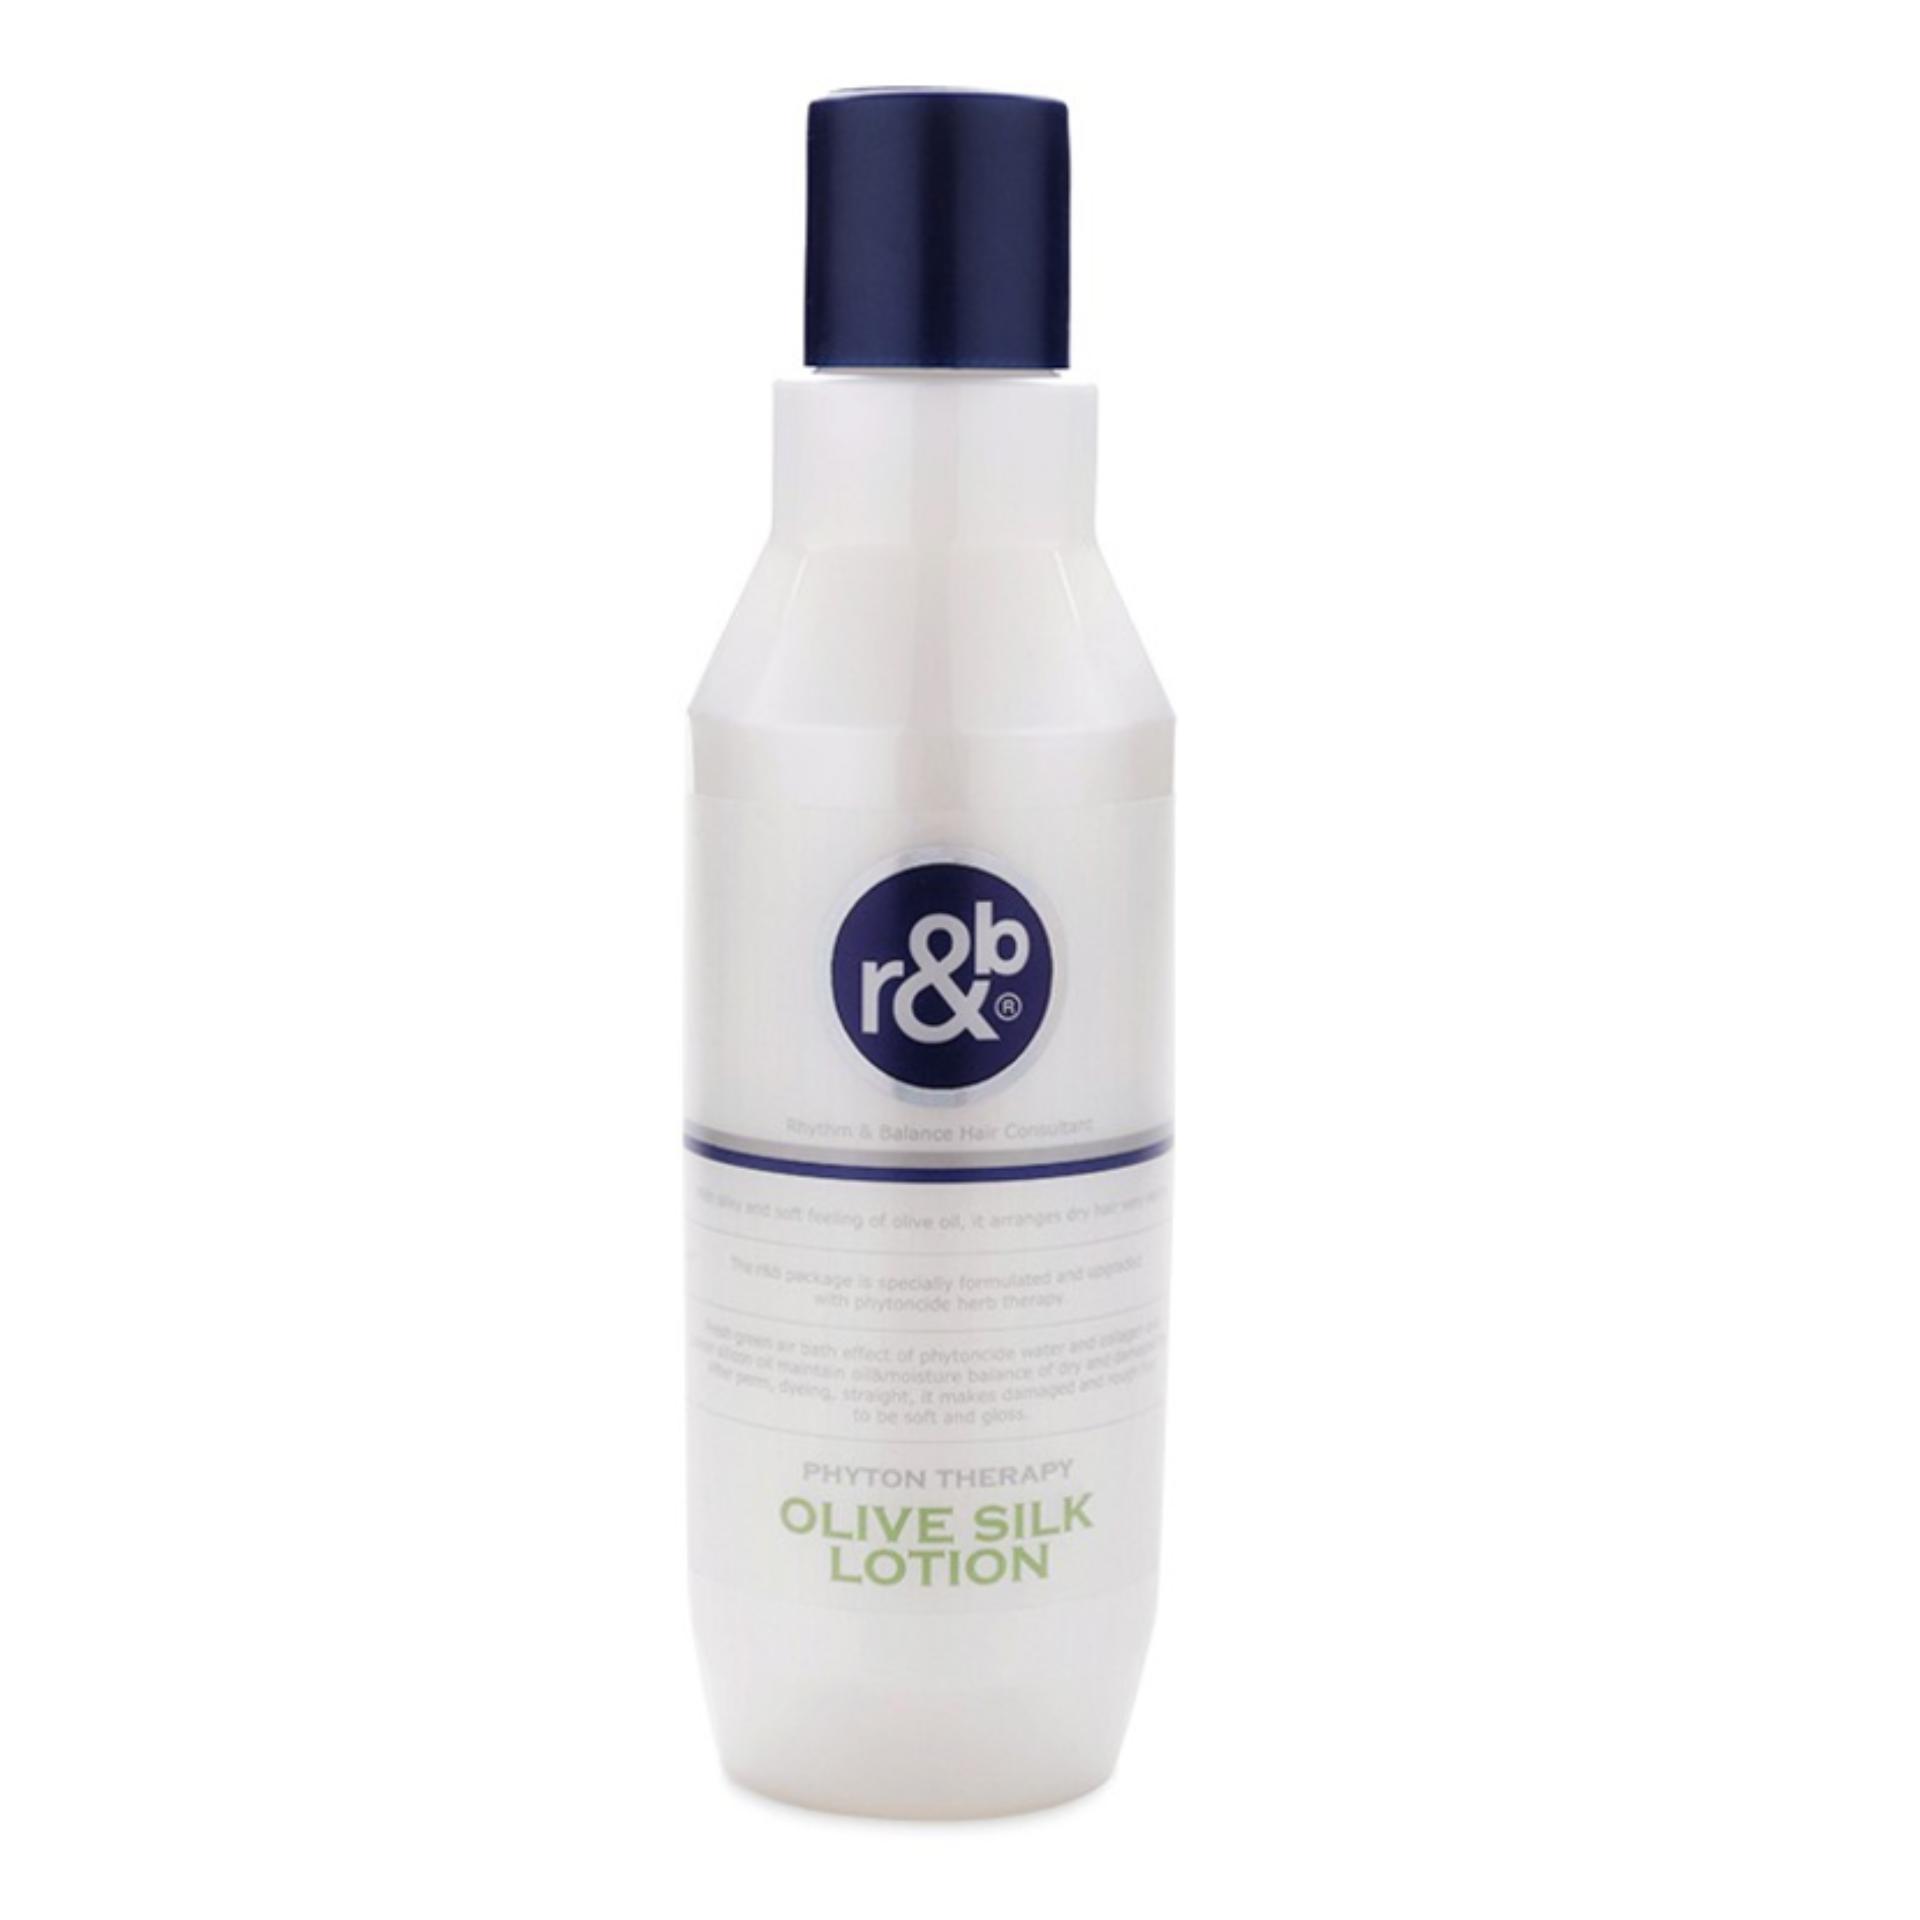 Kem dinh dưỡng bóng tóc dưỡng ẩm phục hồi tóc khô và giữ nếp tóc uốn R&B Olive Silk Lotion, Hàn Quốc 250ml